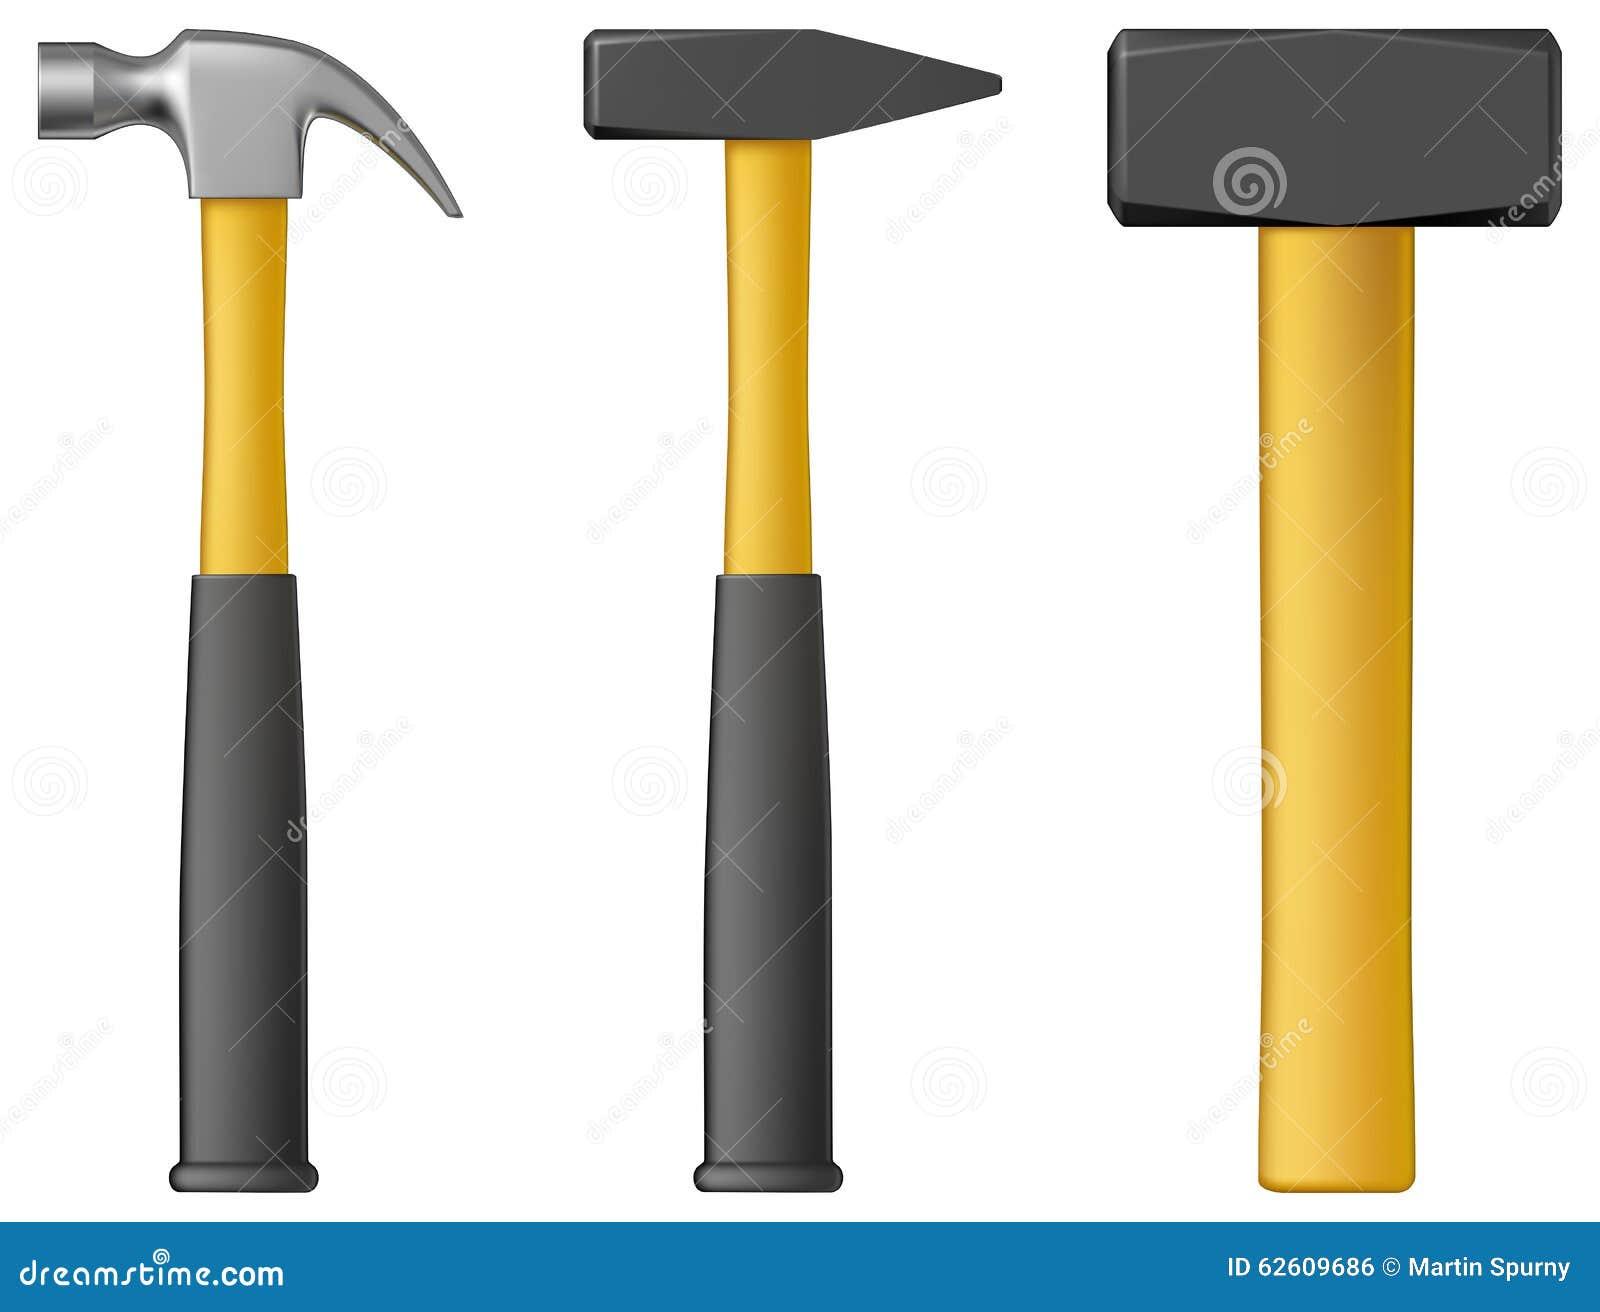 Vector Illustration Hammer: Hammer Stock Vector